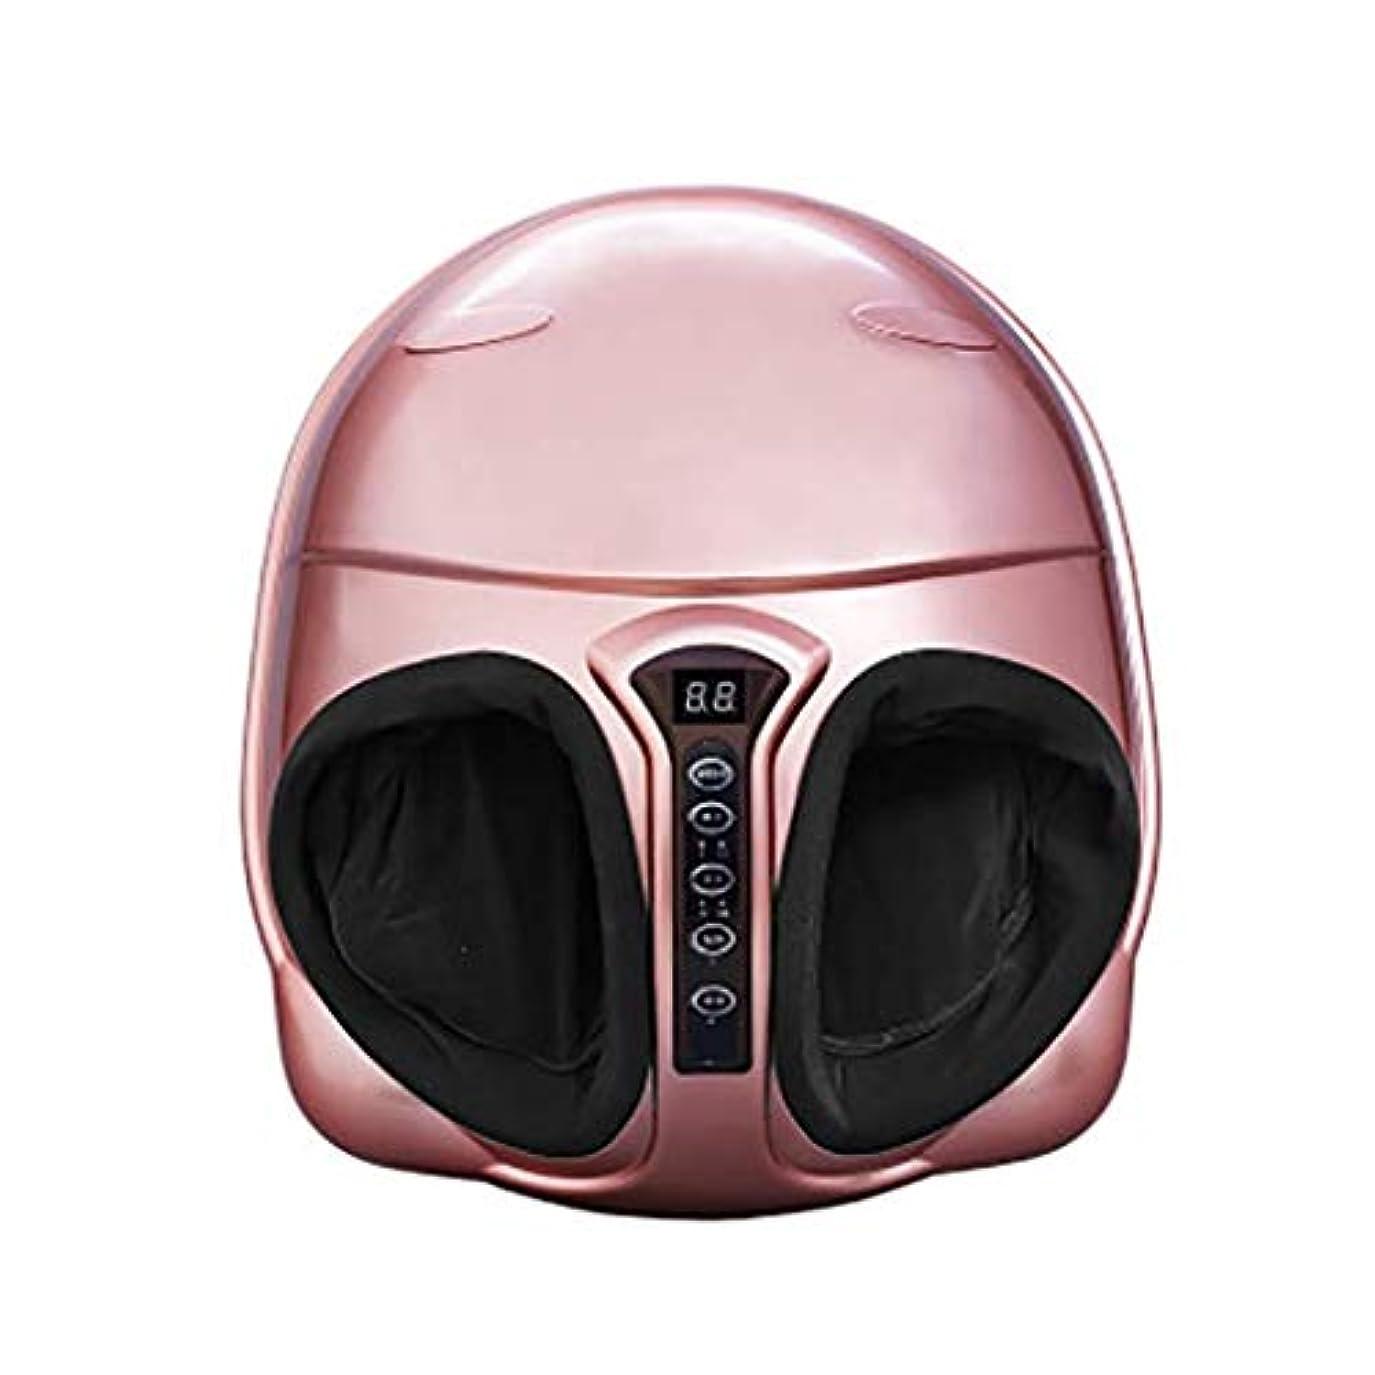 スーツ重要な役割を果たす、中心的な手段となる眼フットマッサージャー、電気フットマッサージャー、赤外線/暖房/混練/空気圧/リラクゼーションマッサージ機器、リモートコントロールは、時間指定が可能 (Color : ピンク, Size : Noremotecontrol)